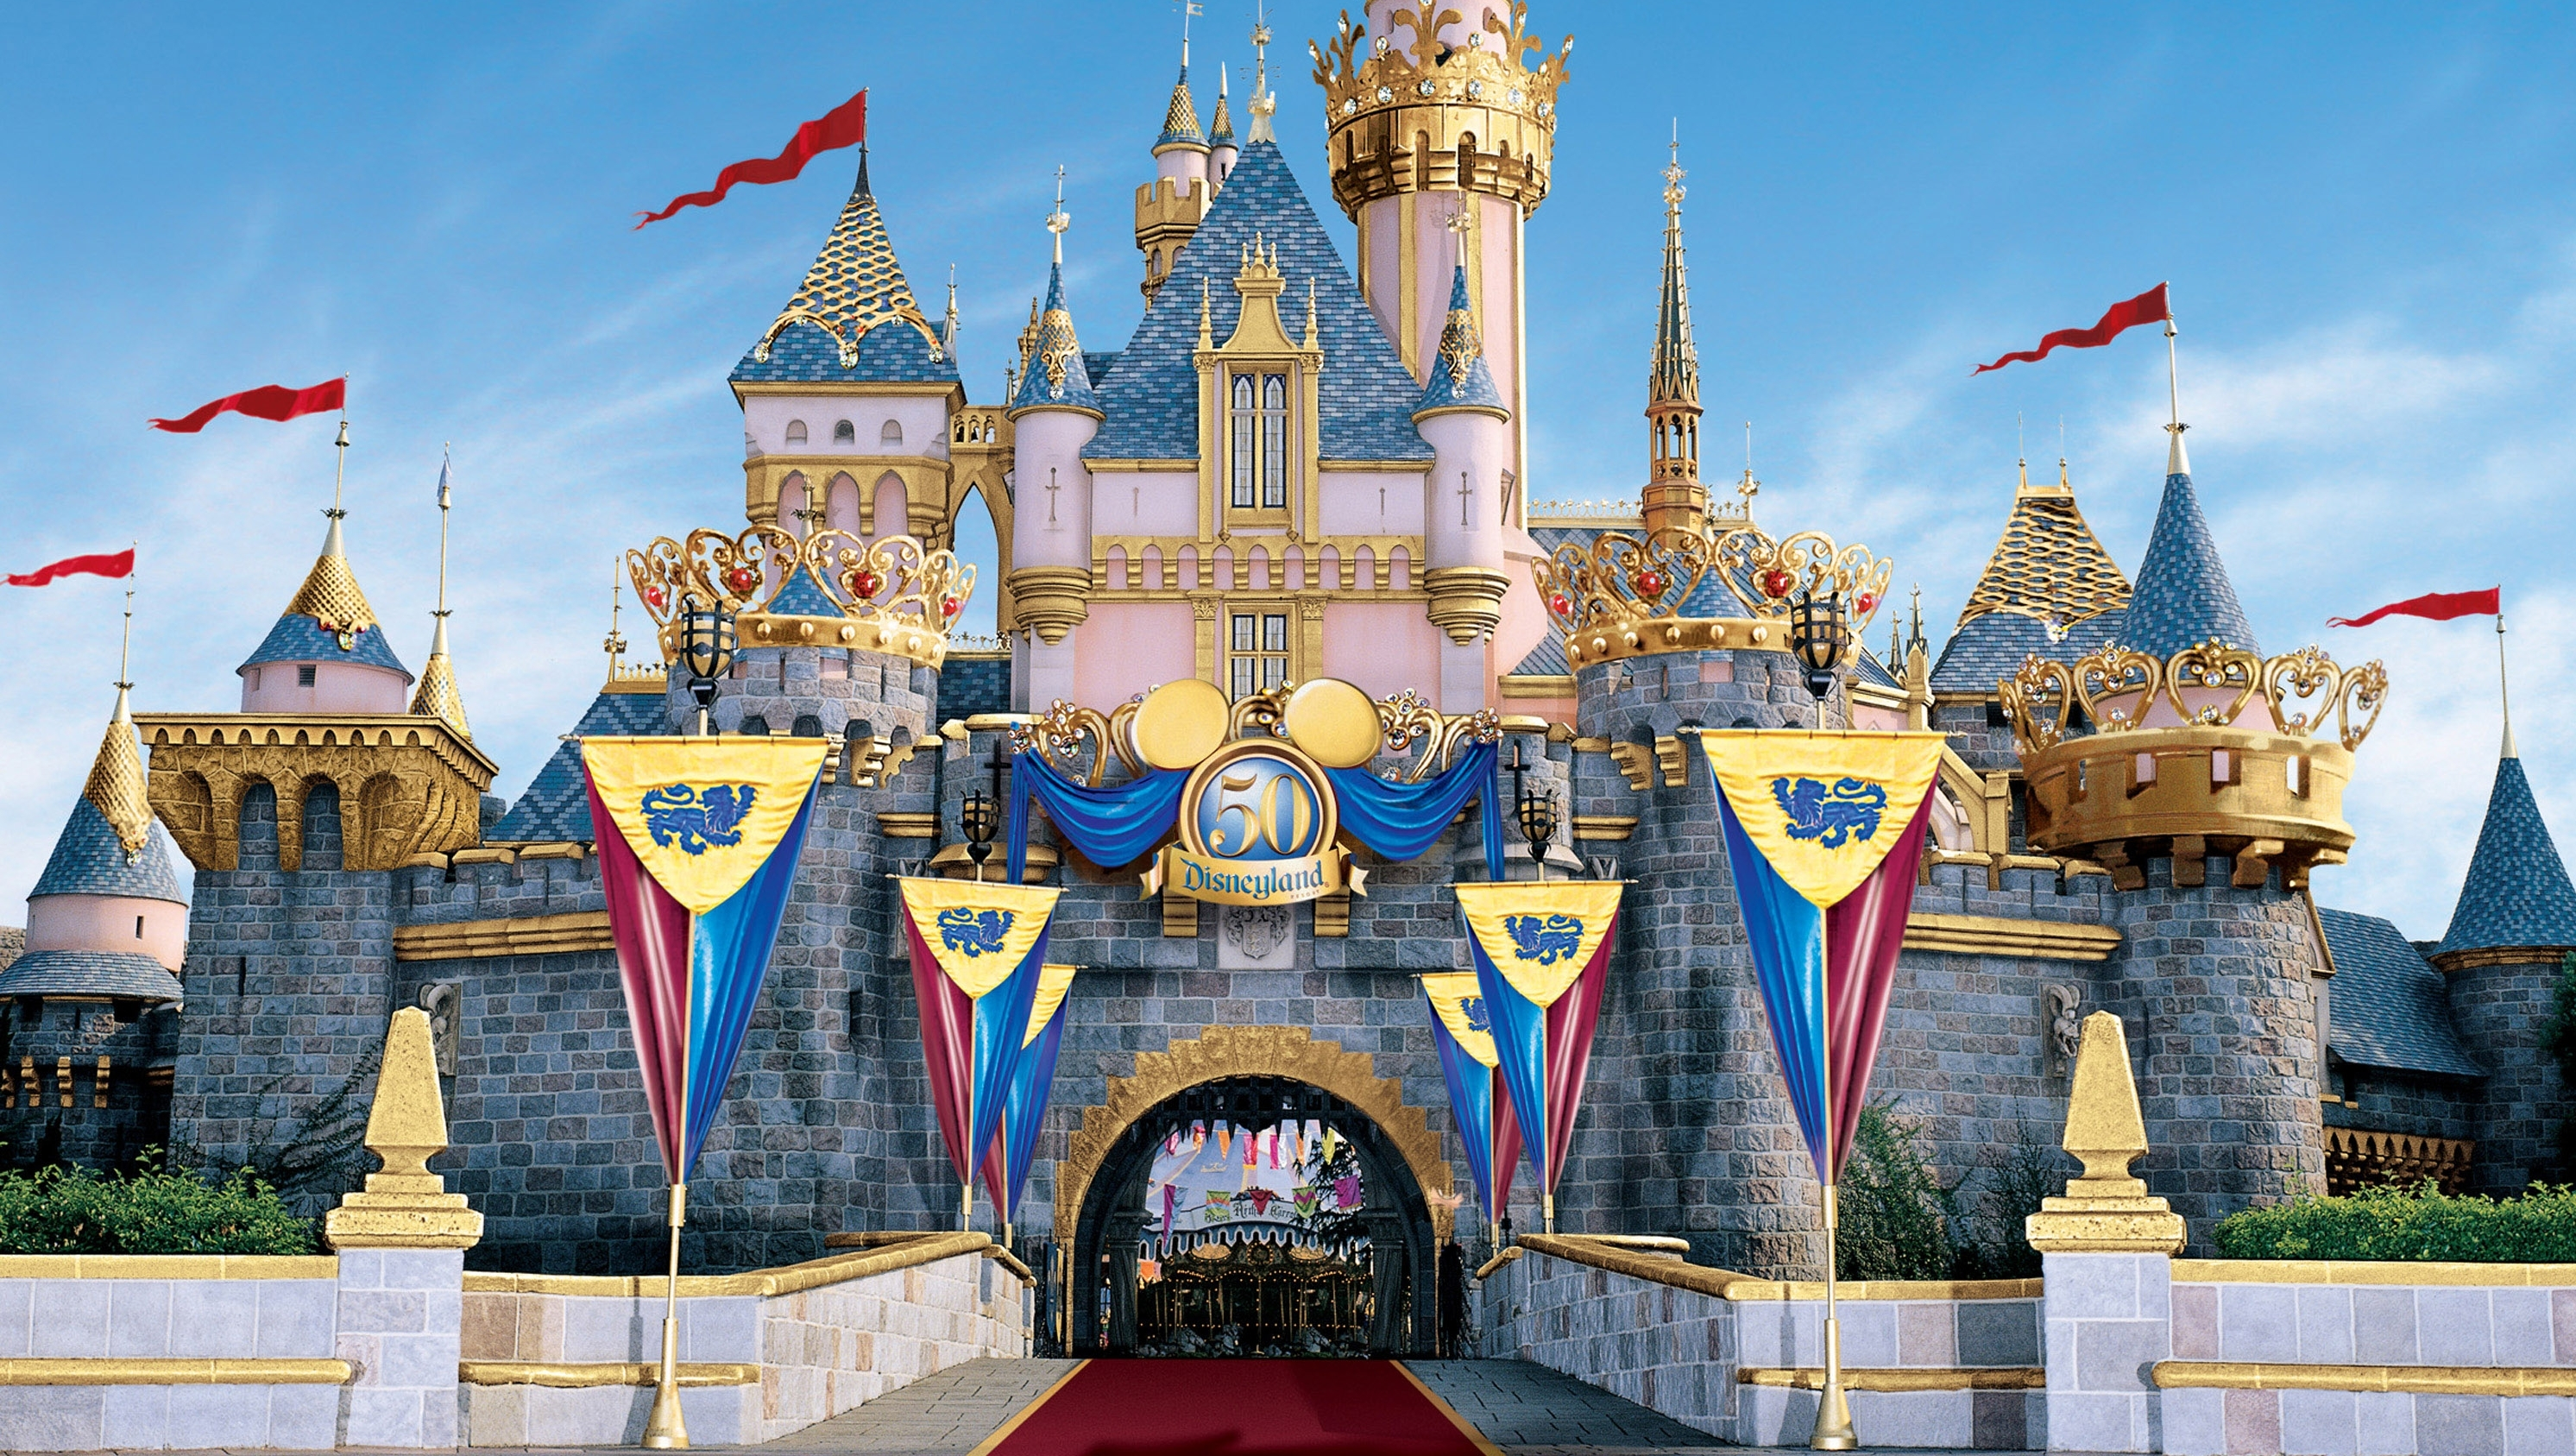 Disneyland Paris / FOTO: wordartsolutions.com